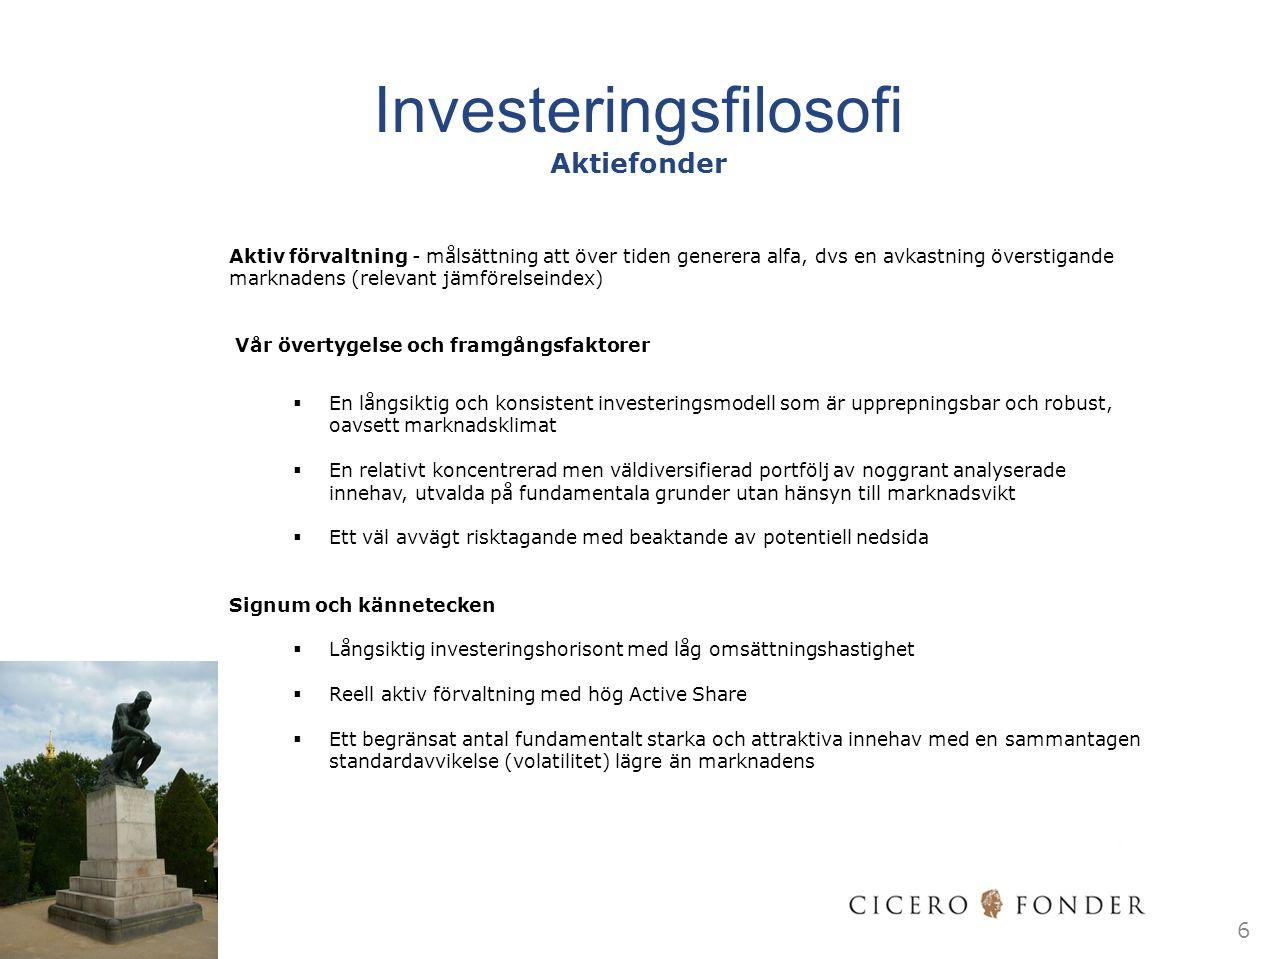 Investeringsfilosofi Aktiefonder Aktiv förvaltning - målsättning att över tiden generera alfa, dvs en avkastning överstigande marknadens (relevant jämförelseindex) Vår övertygelse och framgångsfaktorer  En långsiktig och konsistent investeringsmodell som är upprepningsbar och robust, oavsett marknadsklimat  En relativt koncentrerad men väldiversifierad portfölj av noggrant analyserade innehav, utvalda på fundamentala grunder utan hänsyn till marknadsvikt  Ett väl avvägt risktagande med beaktande av potentiell nedsida Signum och kännetecken  Långsiktig investeringshorisont med låg omsättningshastighet  Reell aktiv förvaltning med hög Active Share  Ett begränsat antal fundamentalt starka och attraktiva innehav med en sammantagen standardavvikelse (volatilitet) lägre än marknadens 6